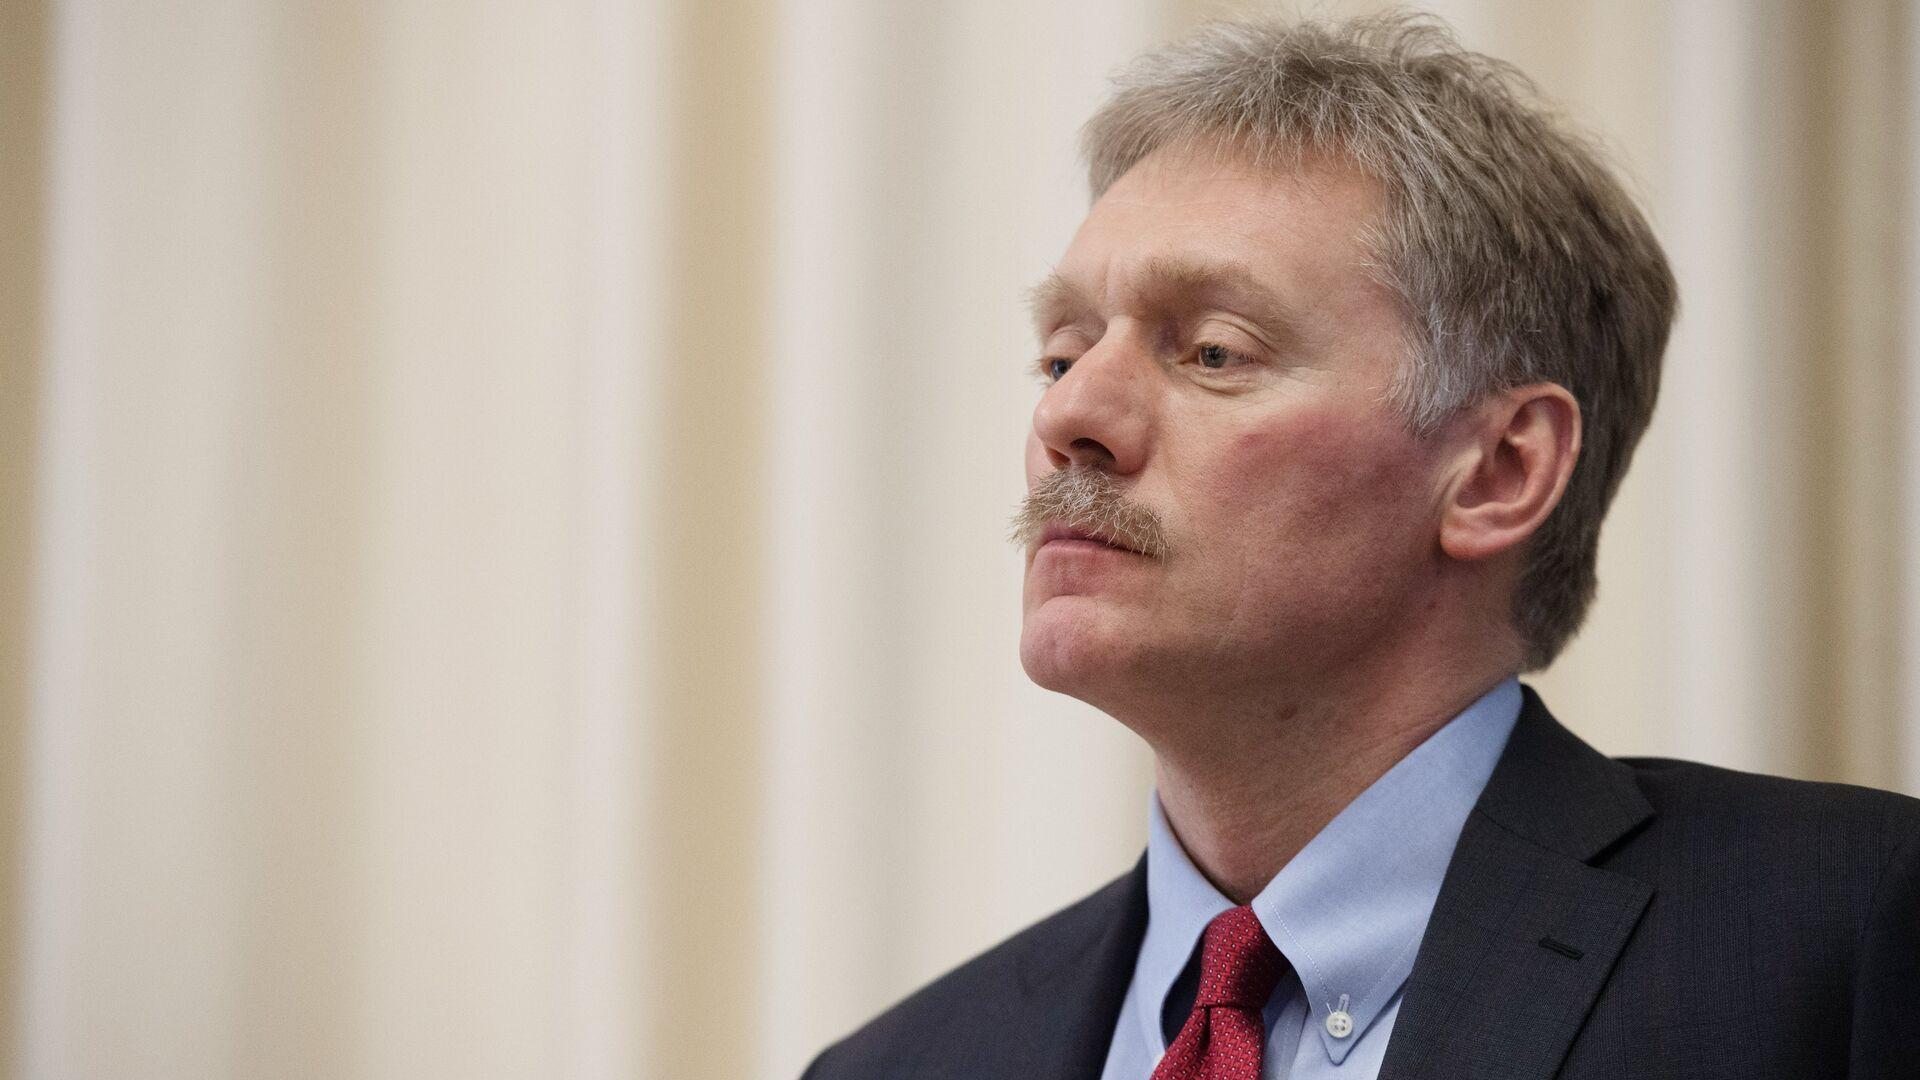 1492175933 0:154:3072:1882 1920x0 80 0 0 e7aa621dbd3c946f557993da6fe24fd5 - Песков объяснил, почему Кремль не будет комментировать дебаты в США